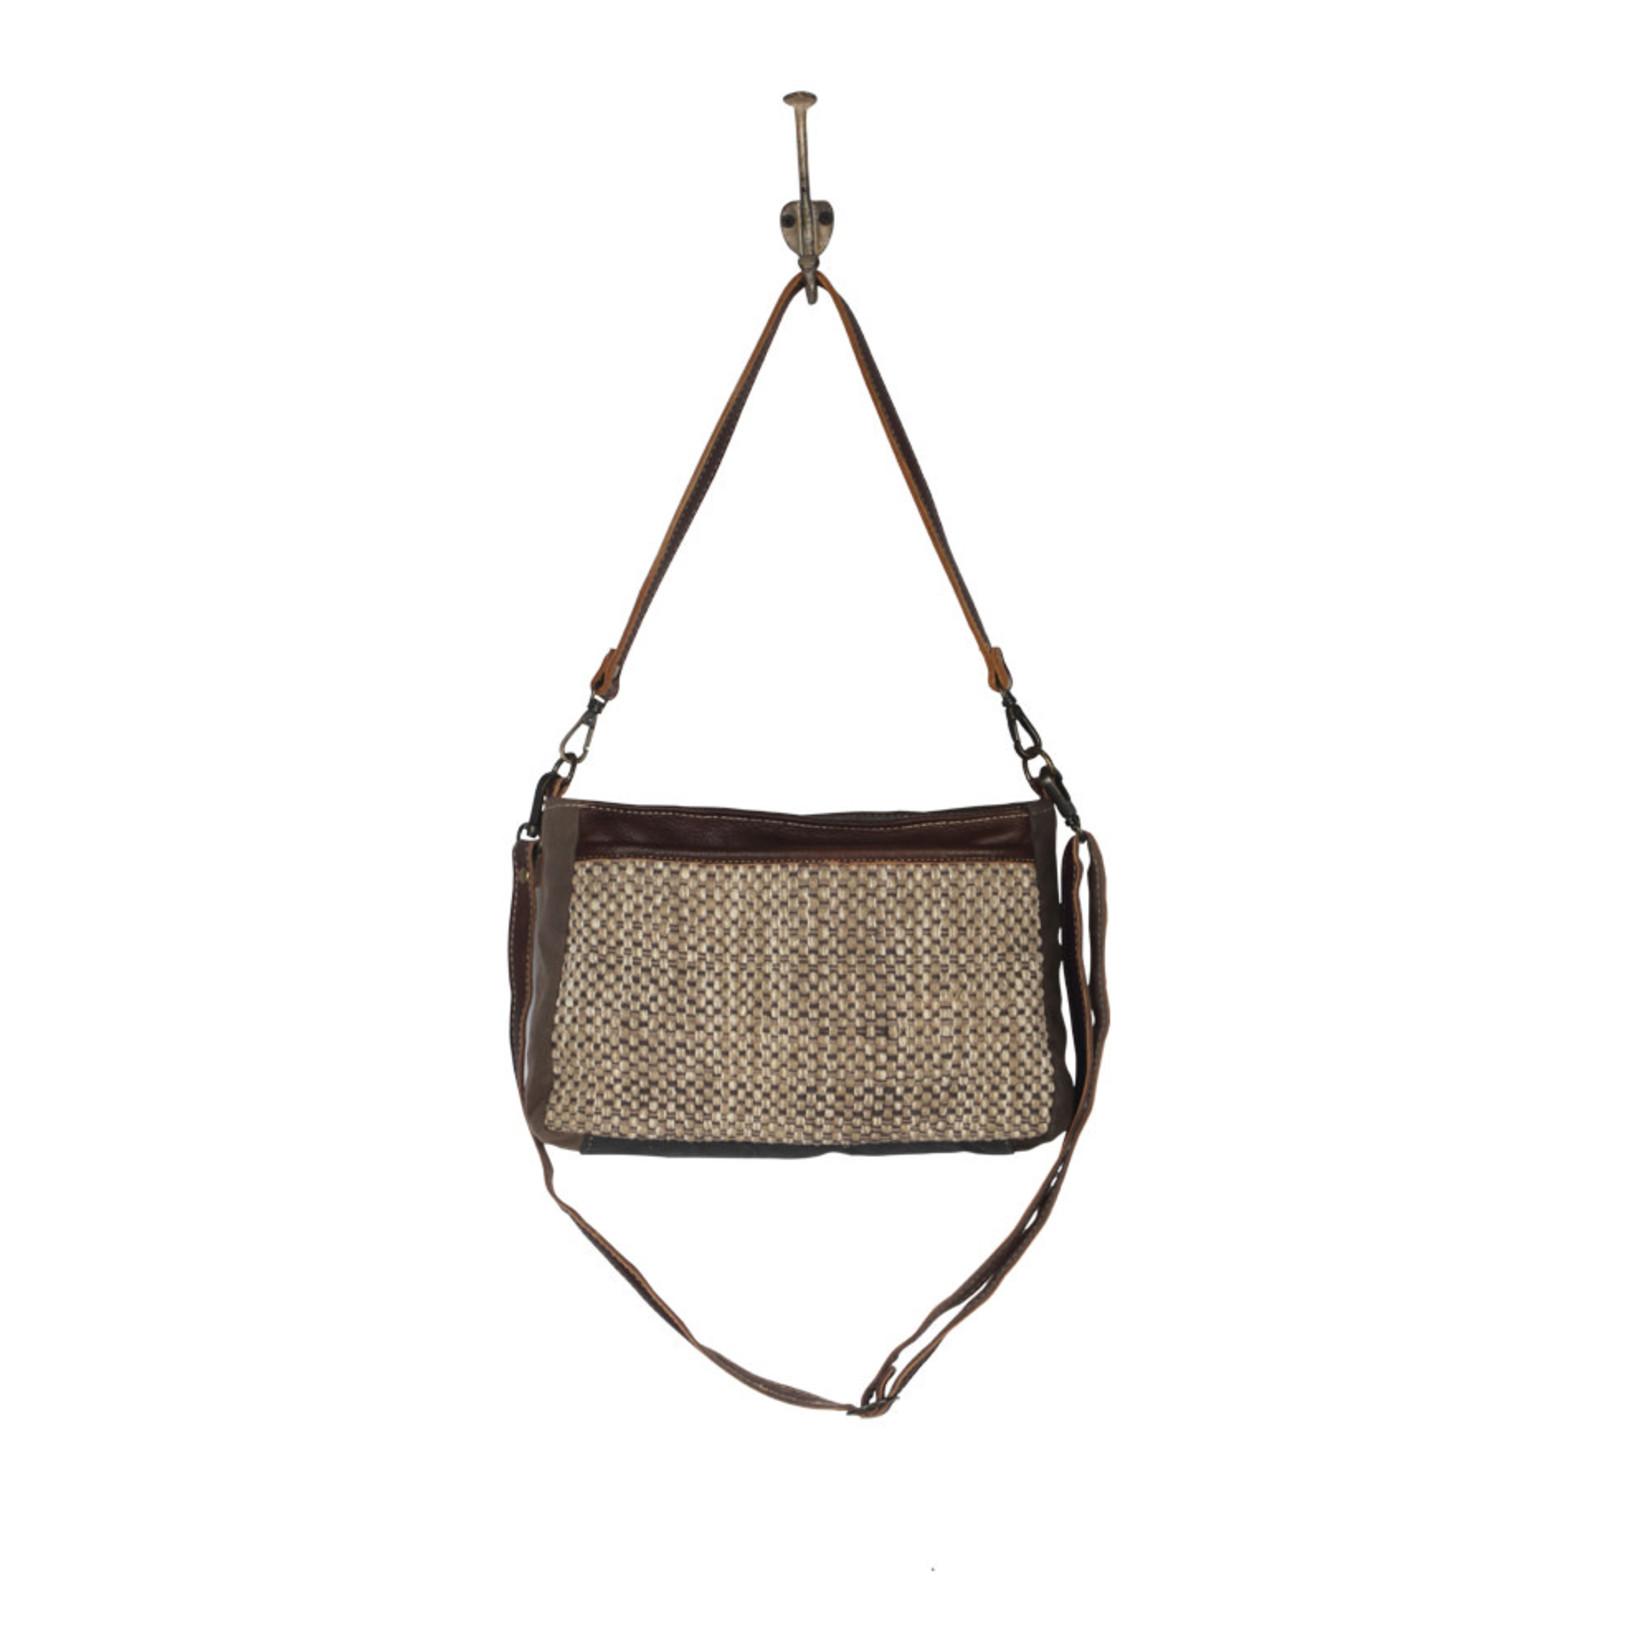 Myra Bags S-2114 Nimble Small & Crossbody Bag